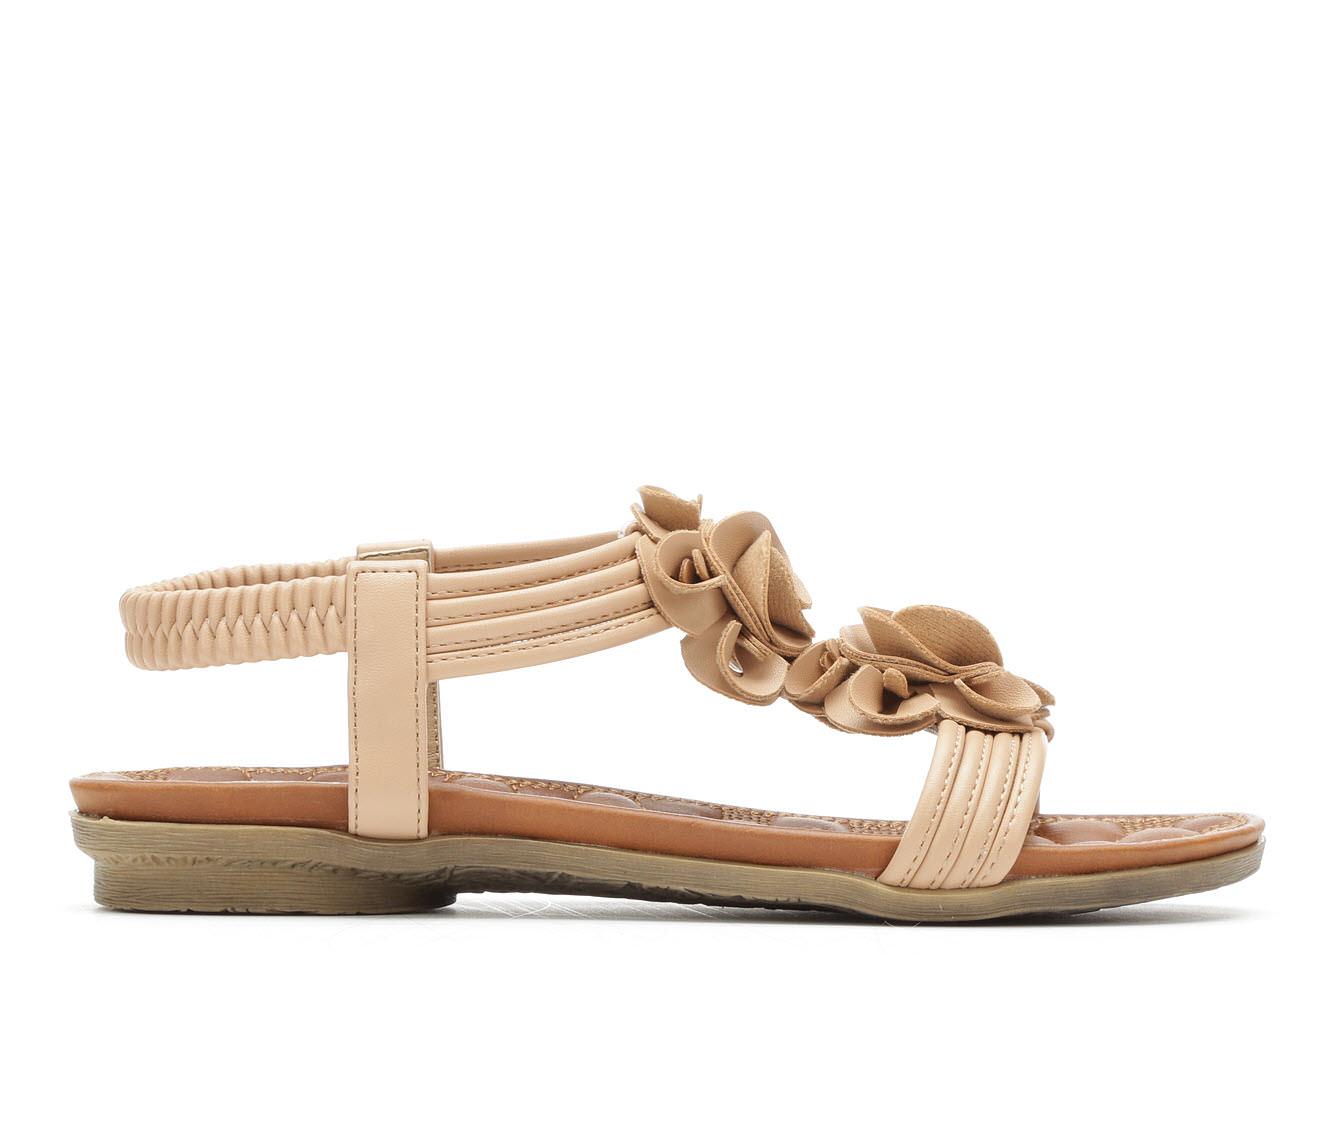 Women's Patrizia Nectarine Sandals (Beige)